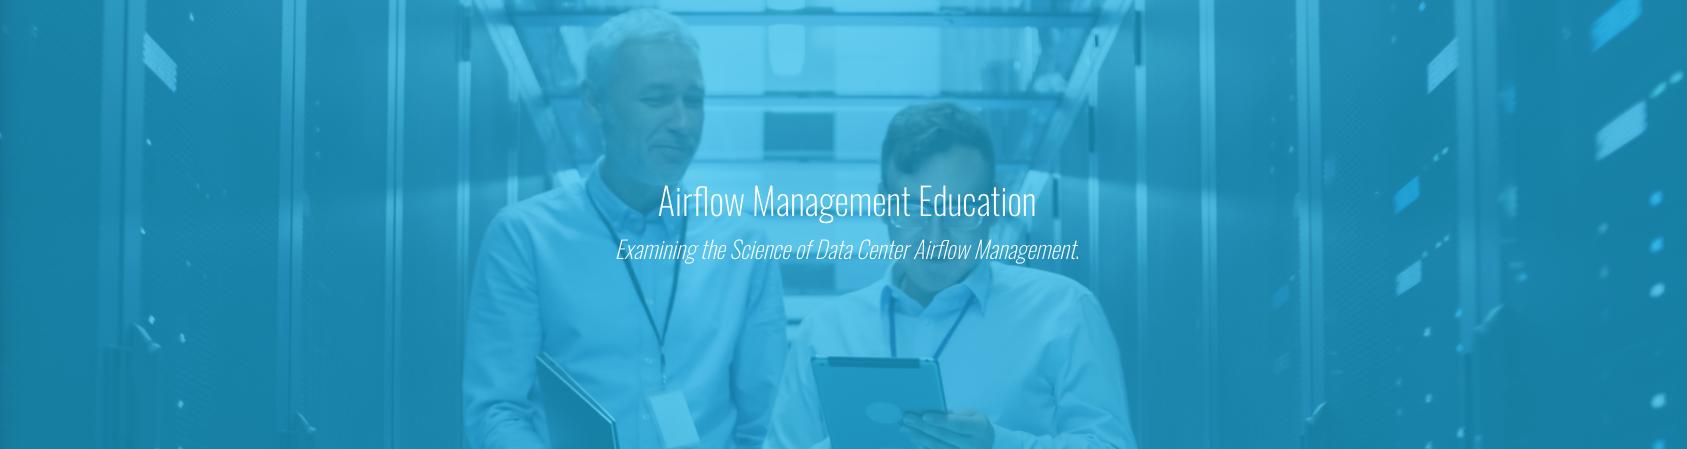 Airflow Management Header